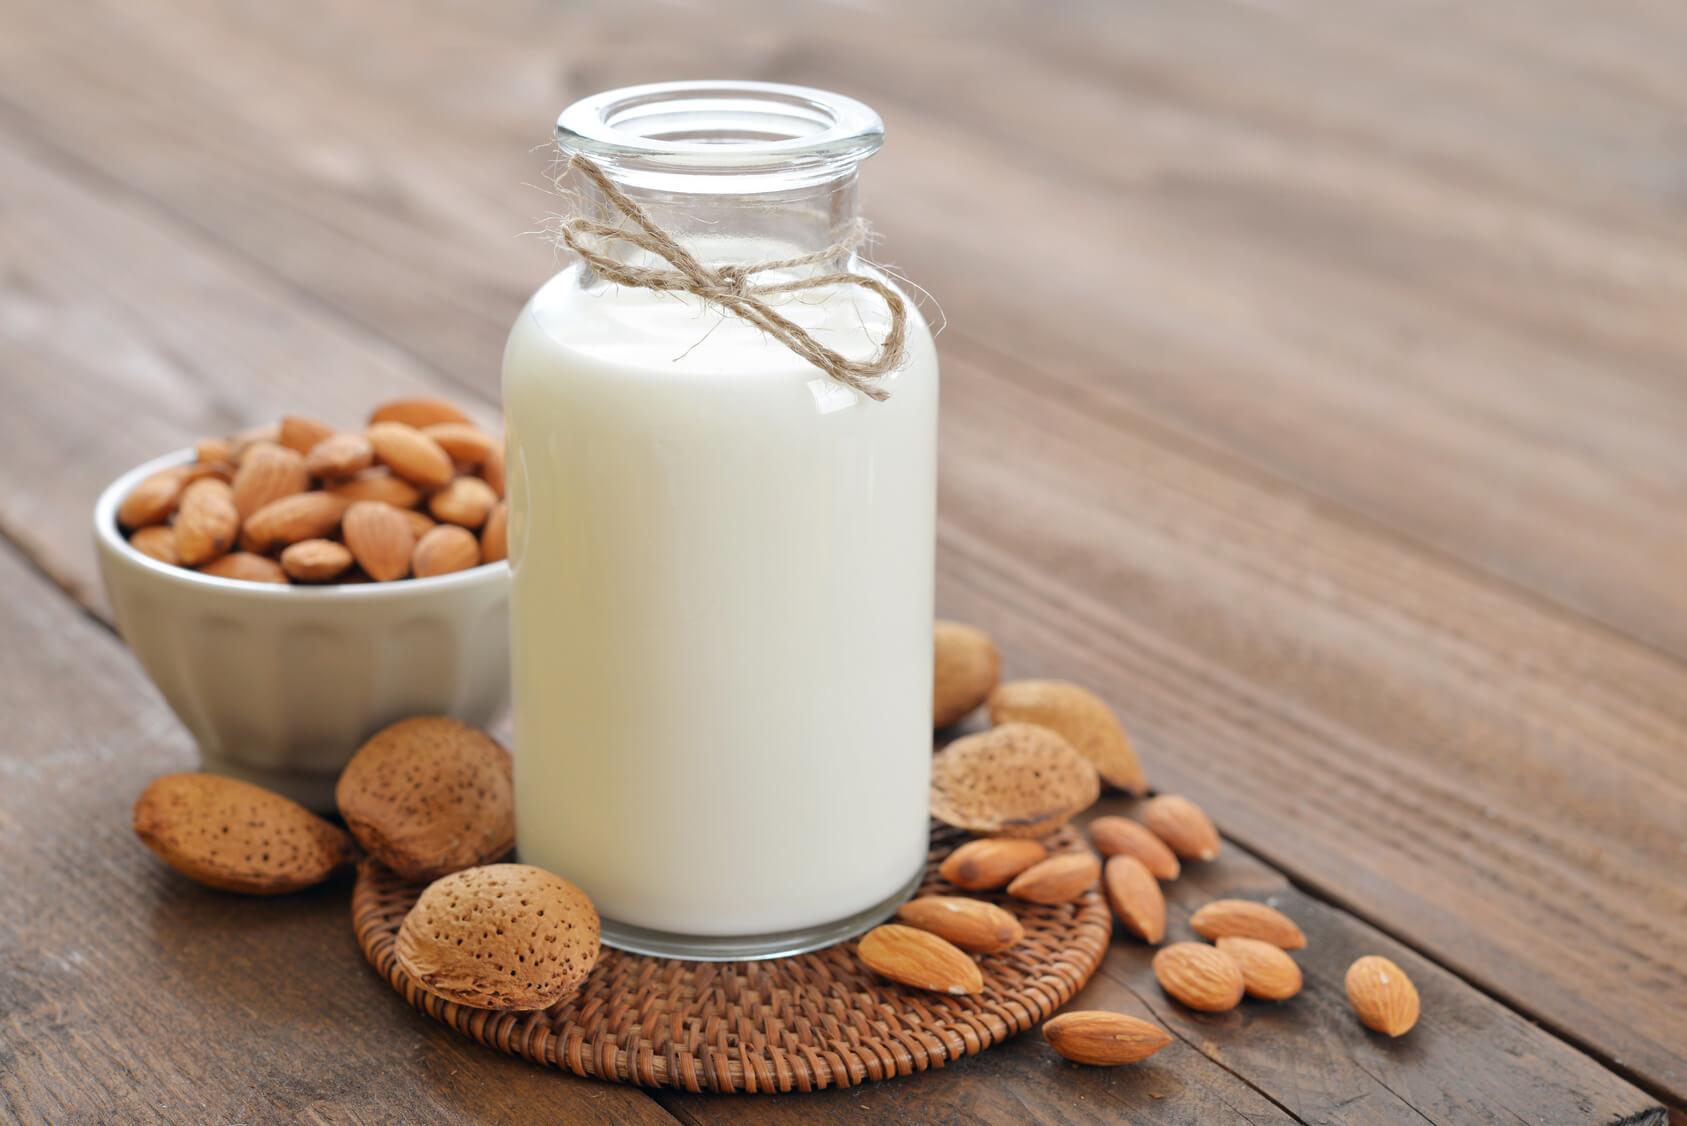 badem sütü faydaları